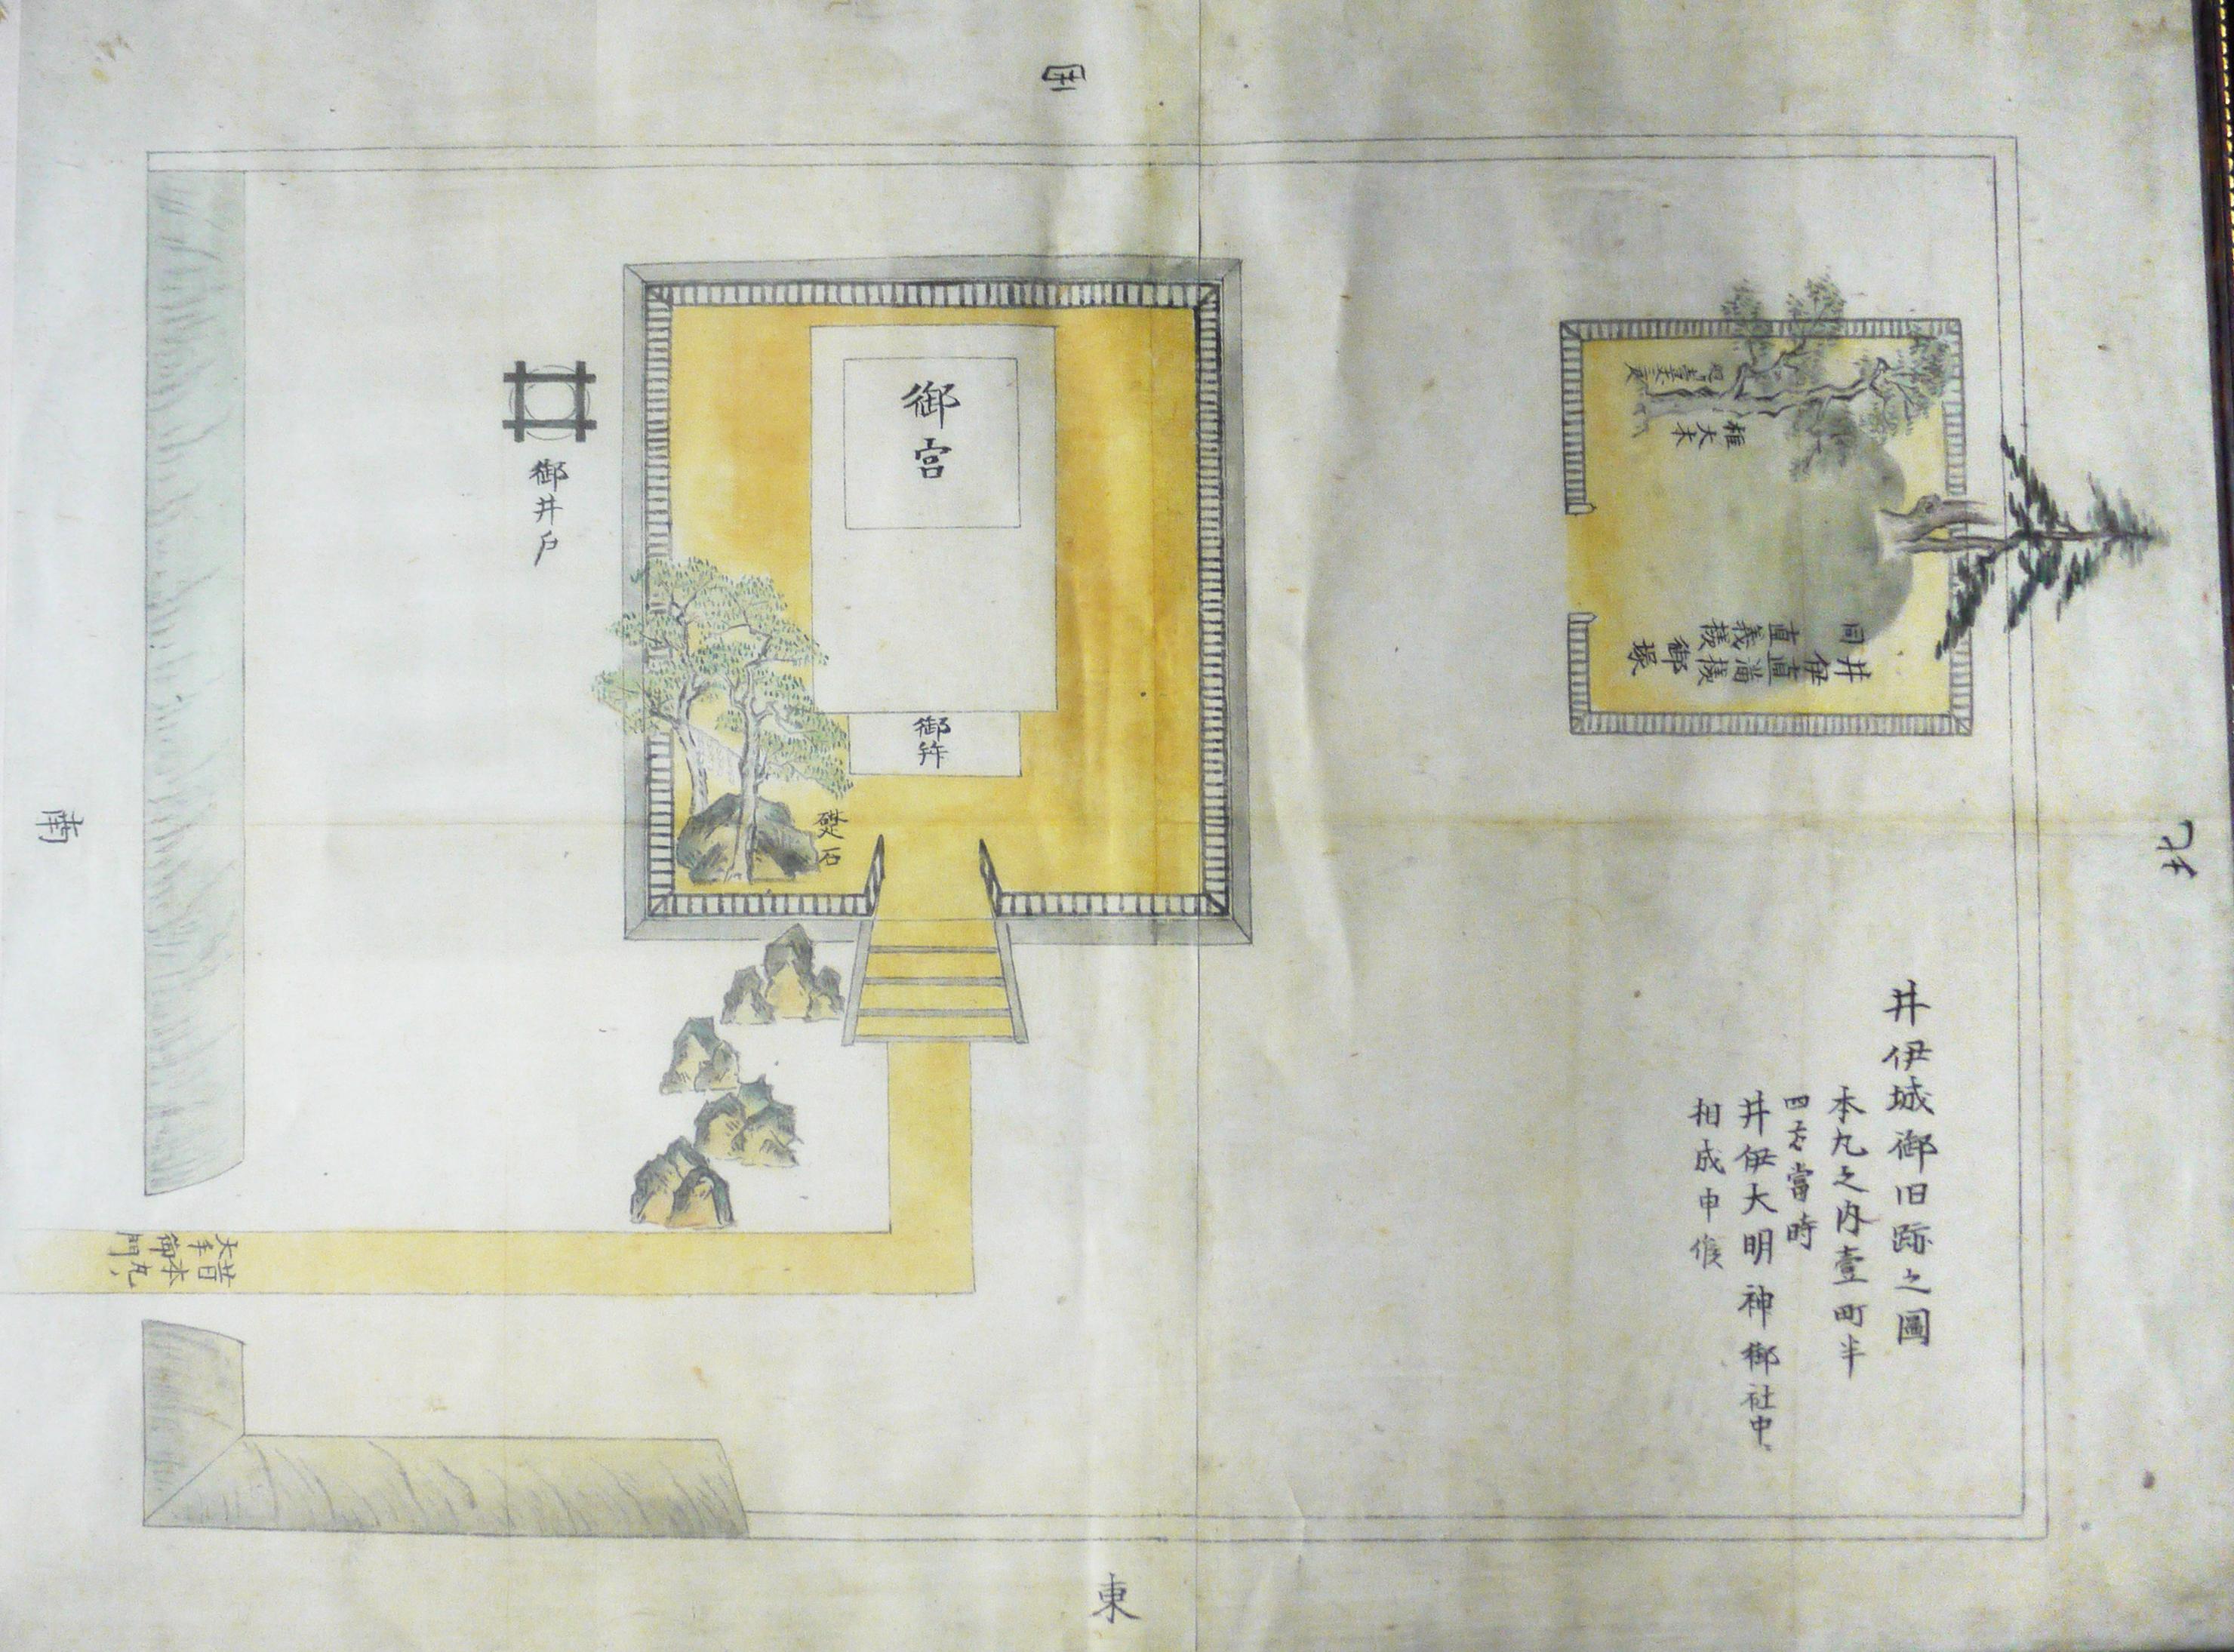 井伊谷城内図